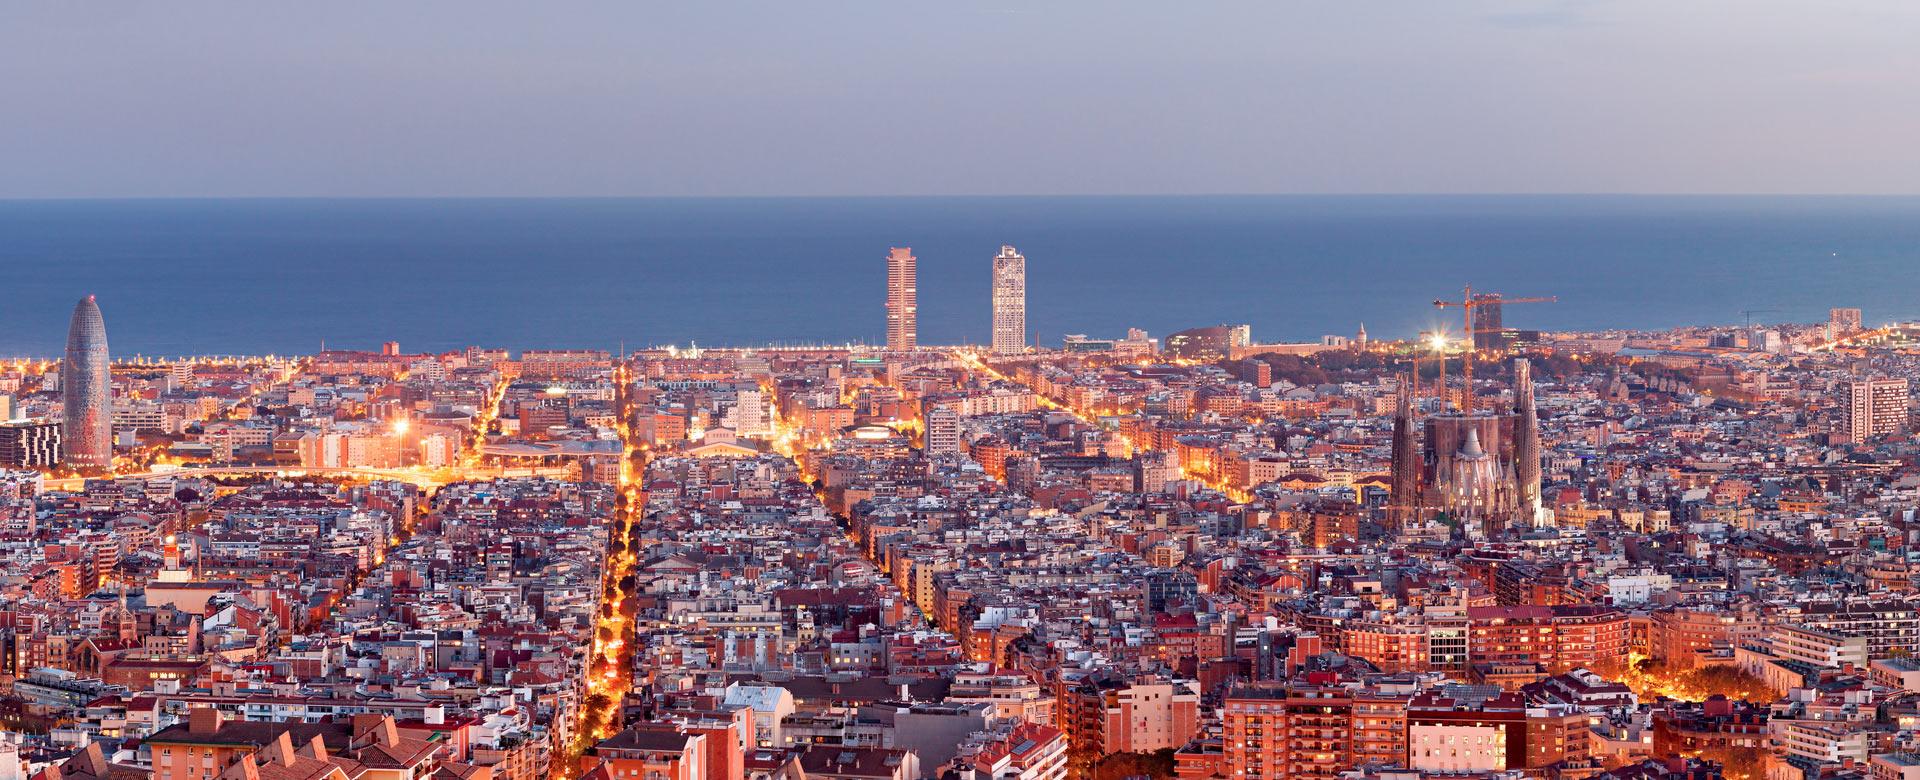 Affitto de ville aBarcelona